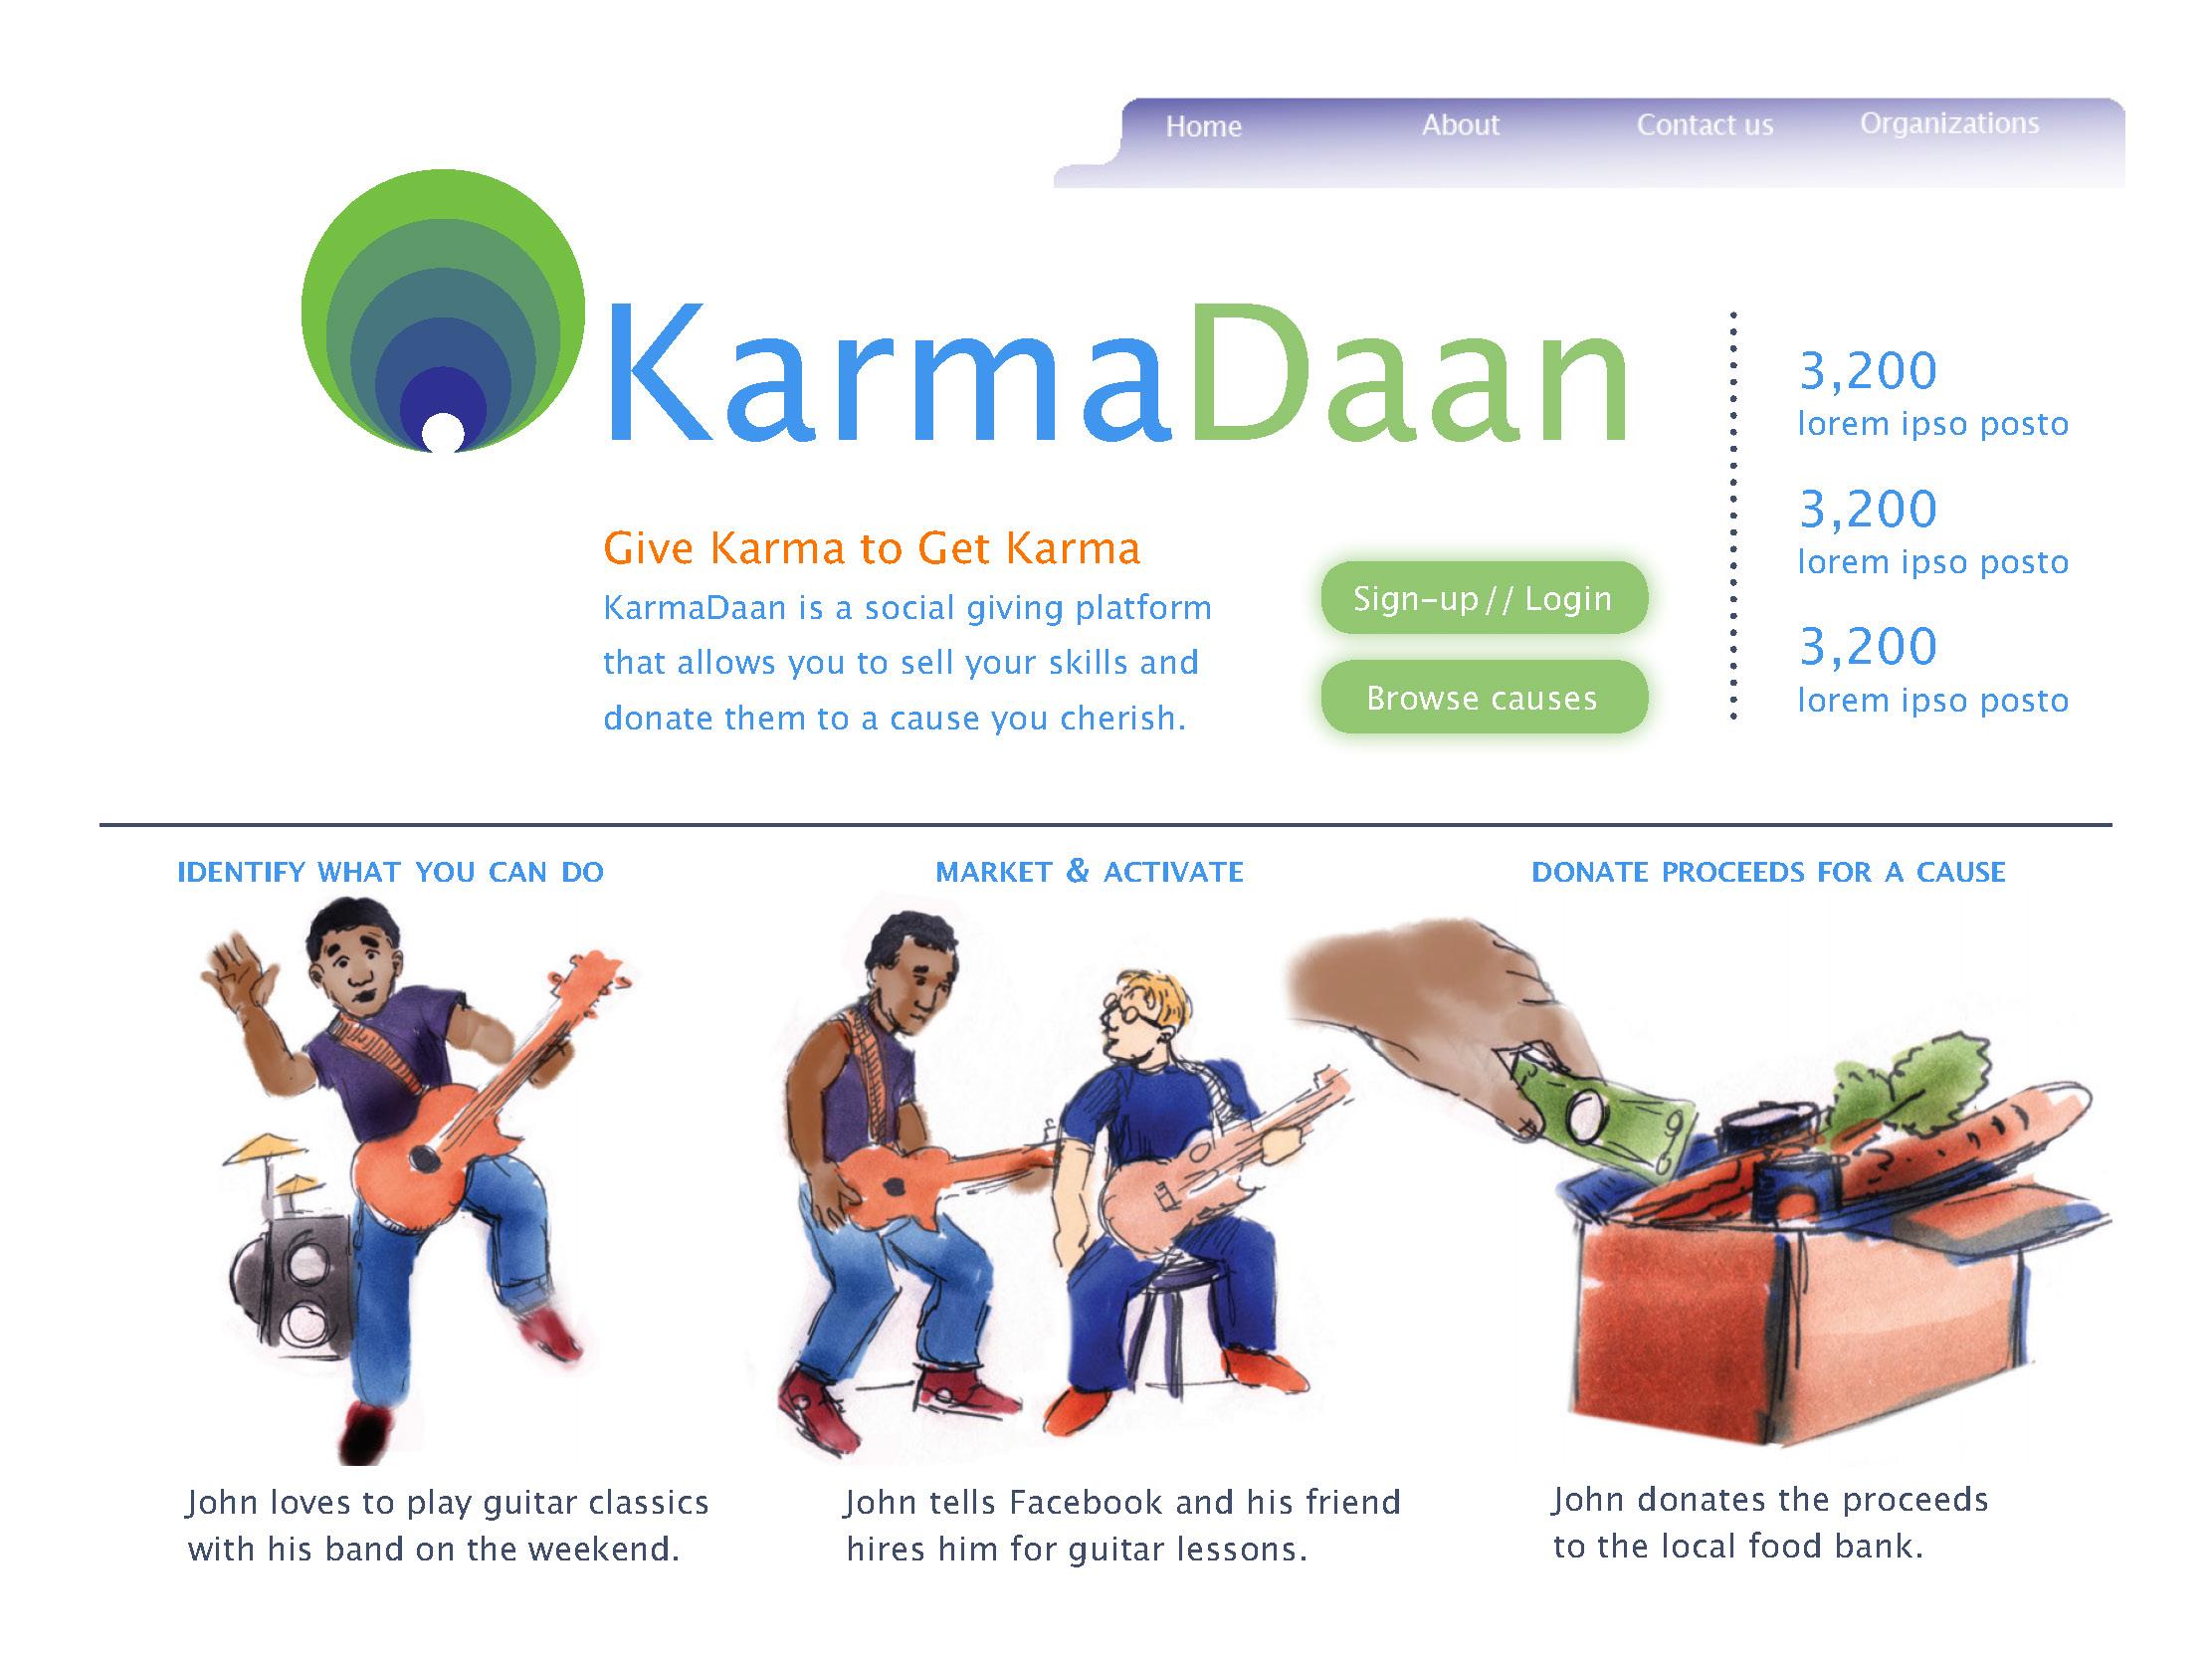 KarmaDaan-11-26-12_Page_02.jpg